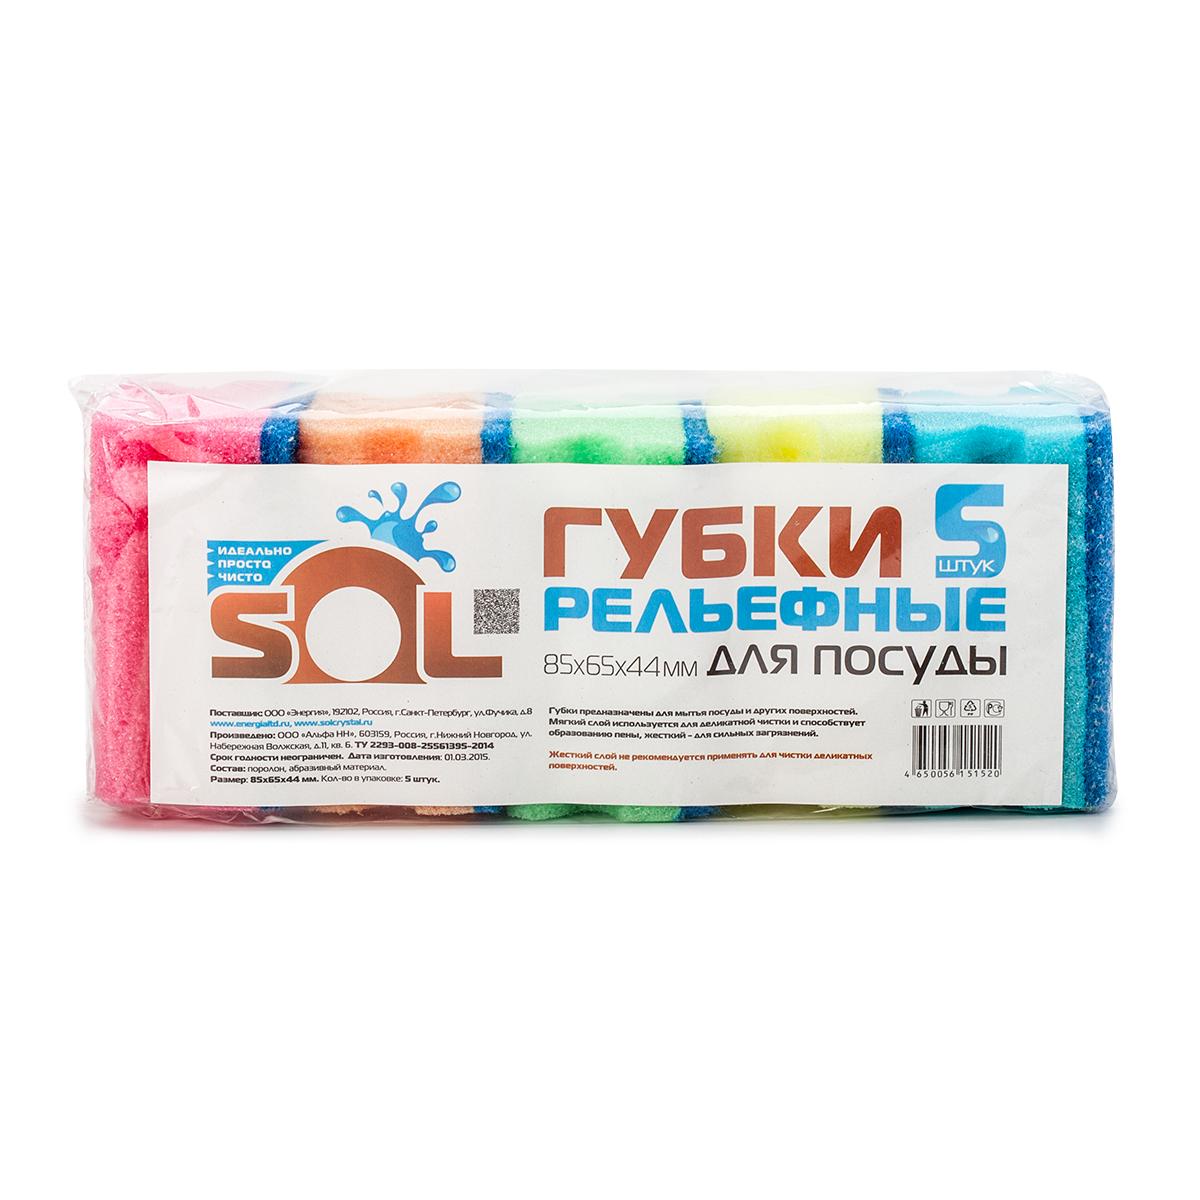 Губка для мытья посуды Sol Люкс, 5 шт. 1002410024Состав: поролон, абразивный материал; размер 86х65х44 мм